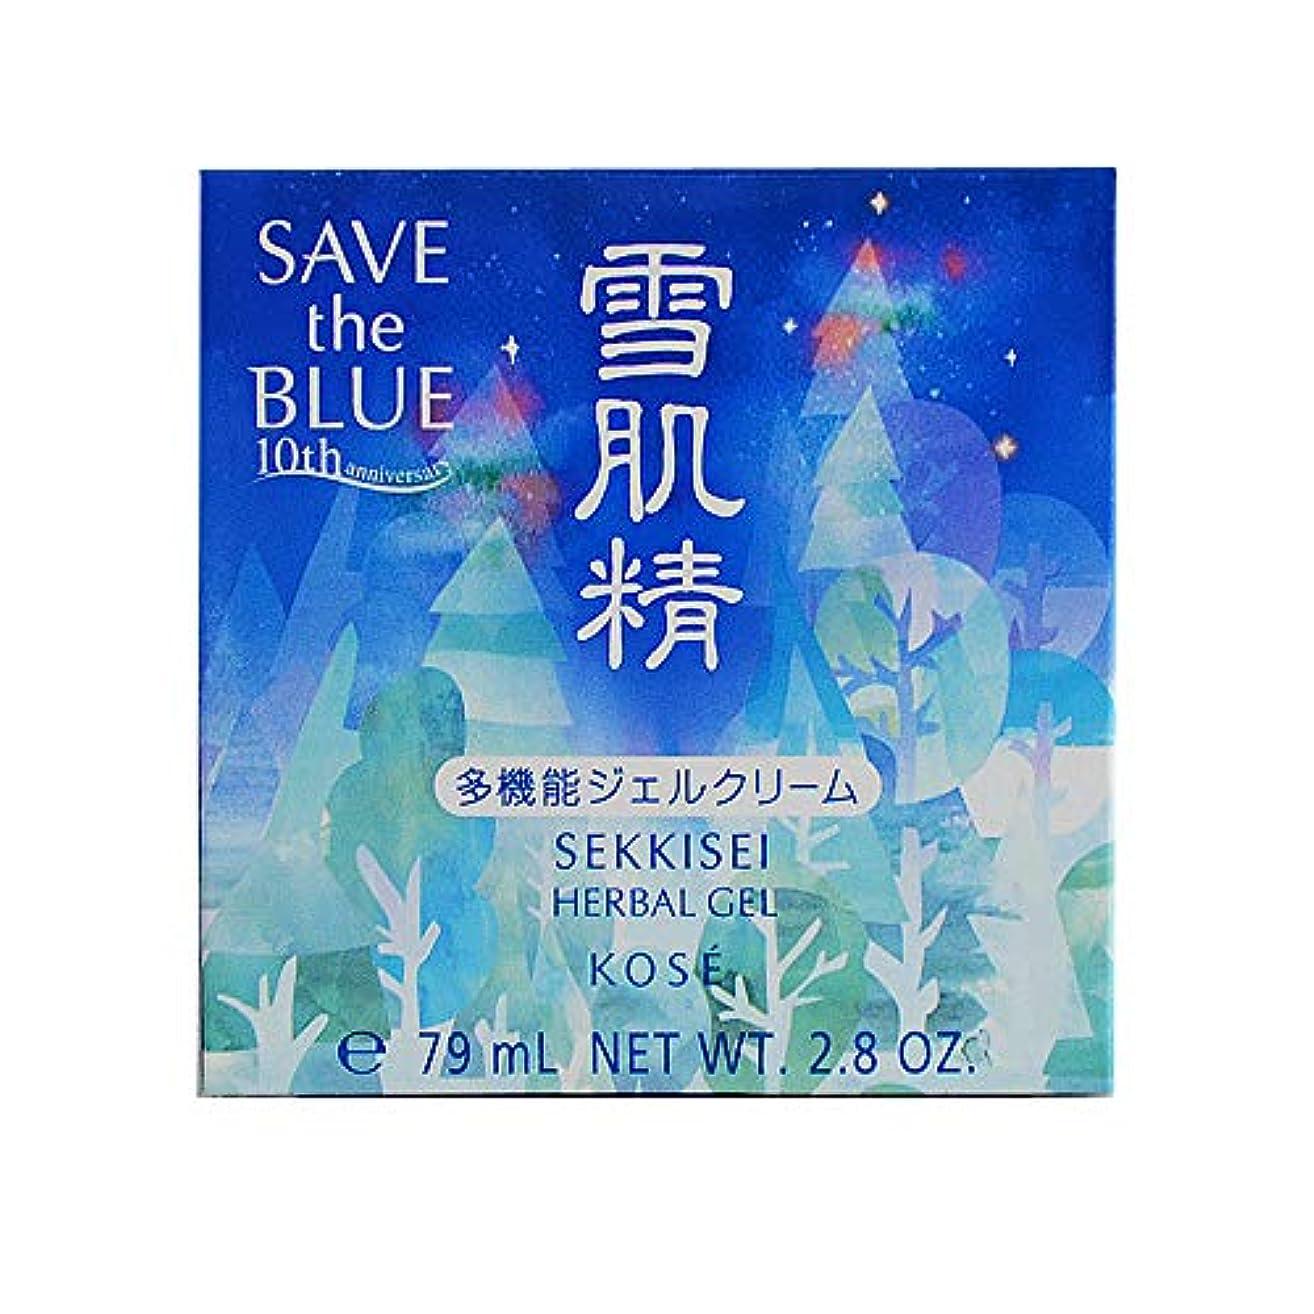 洞窟危険損失コーセー 雪肌精 ハーバルジェル 80g (SAVE the BLUE) [ フェイスクリーム ] [並行輸入品]